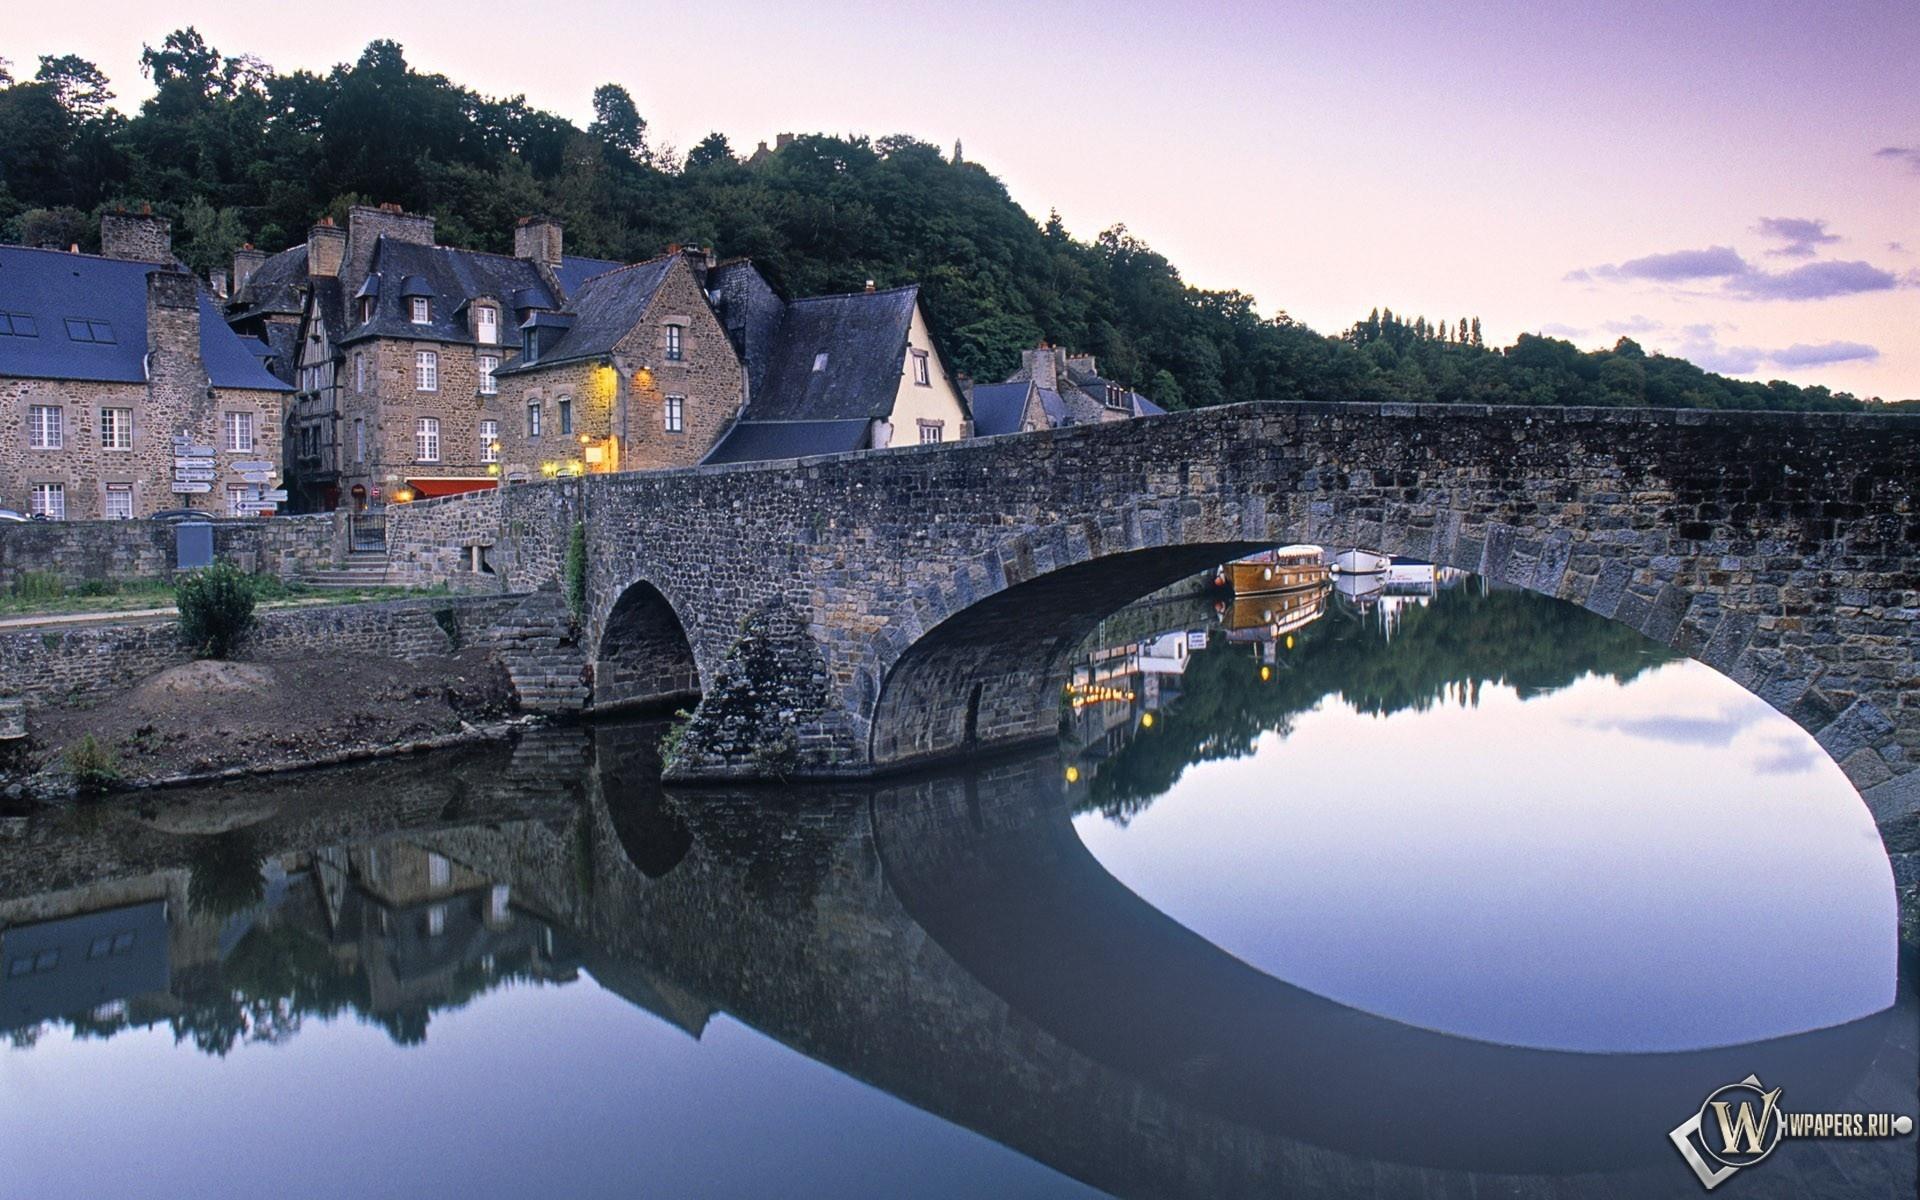 Мост во Франции 1920x1200